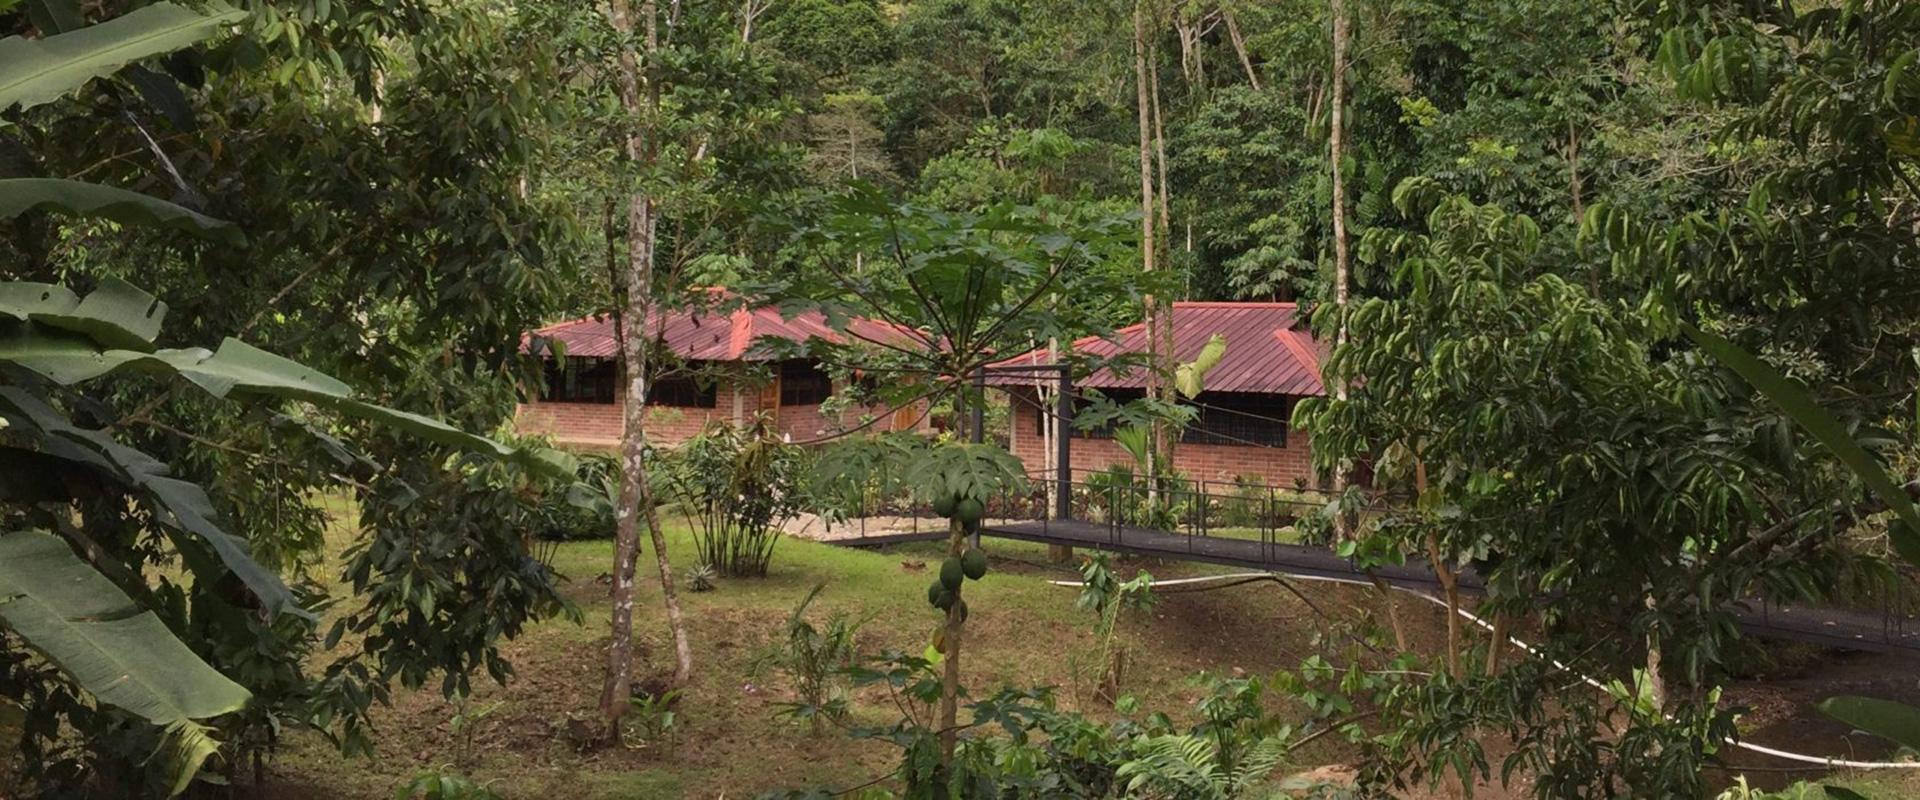 Yachana Lodge Amazon Tours